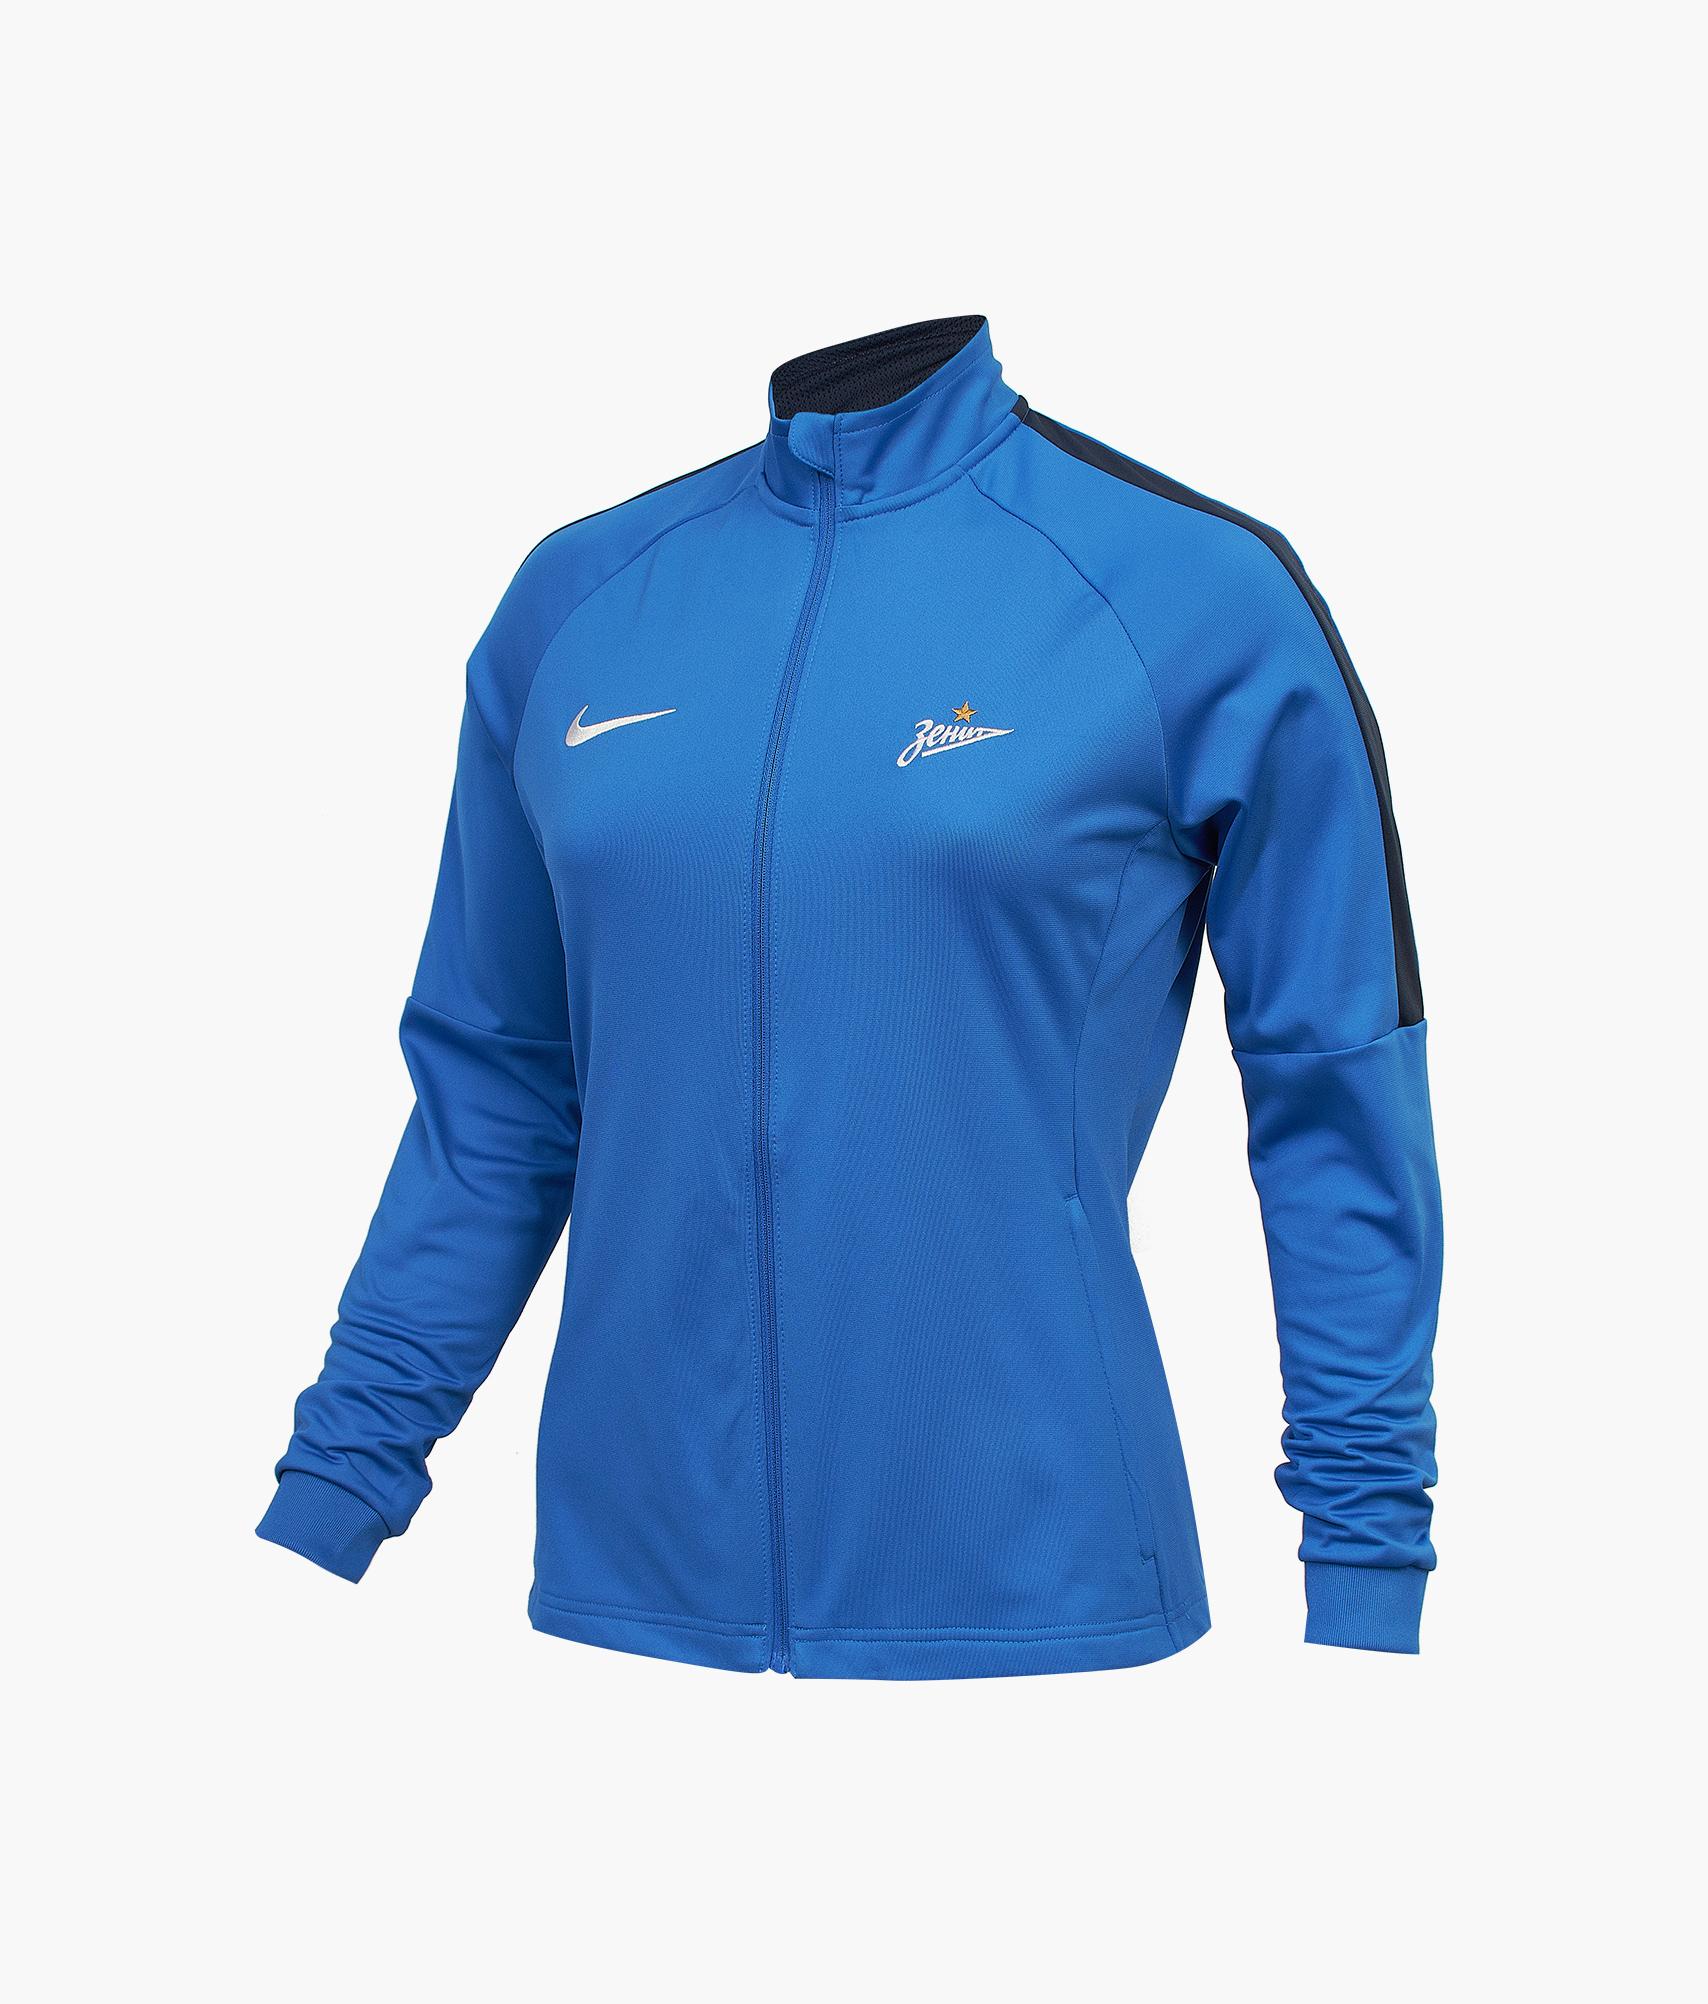 Олимпийка женская Nike Nike Цвет-Синий